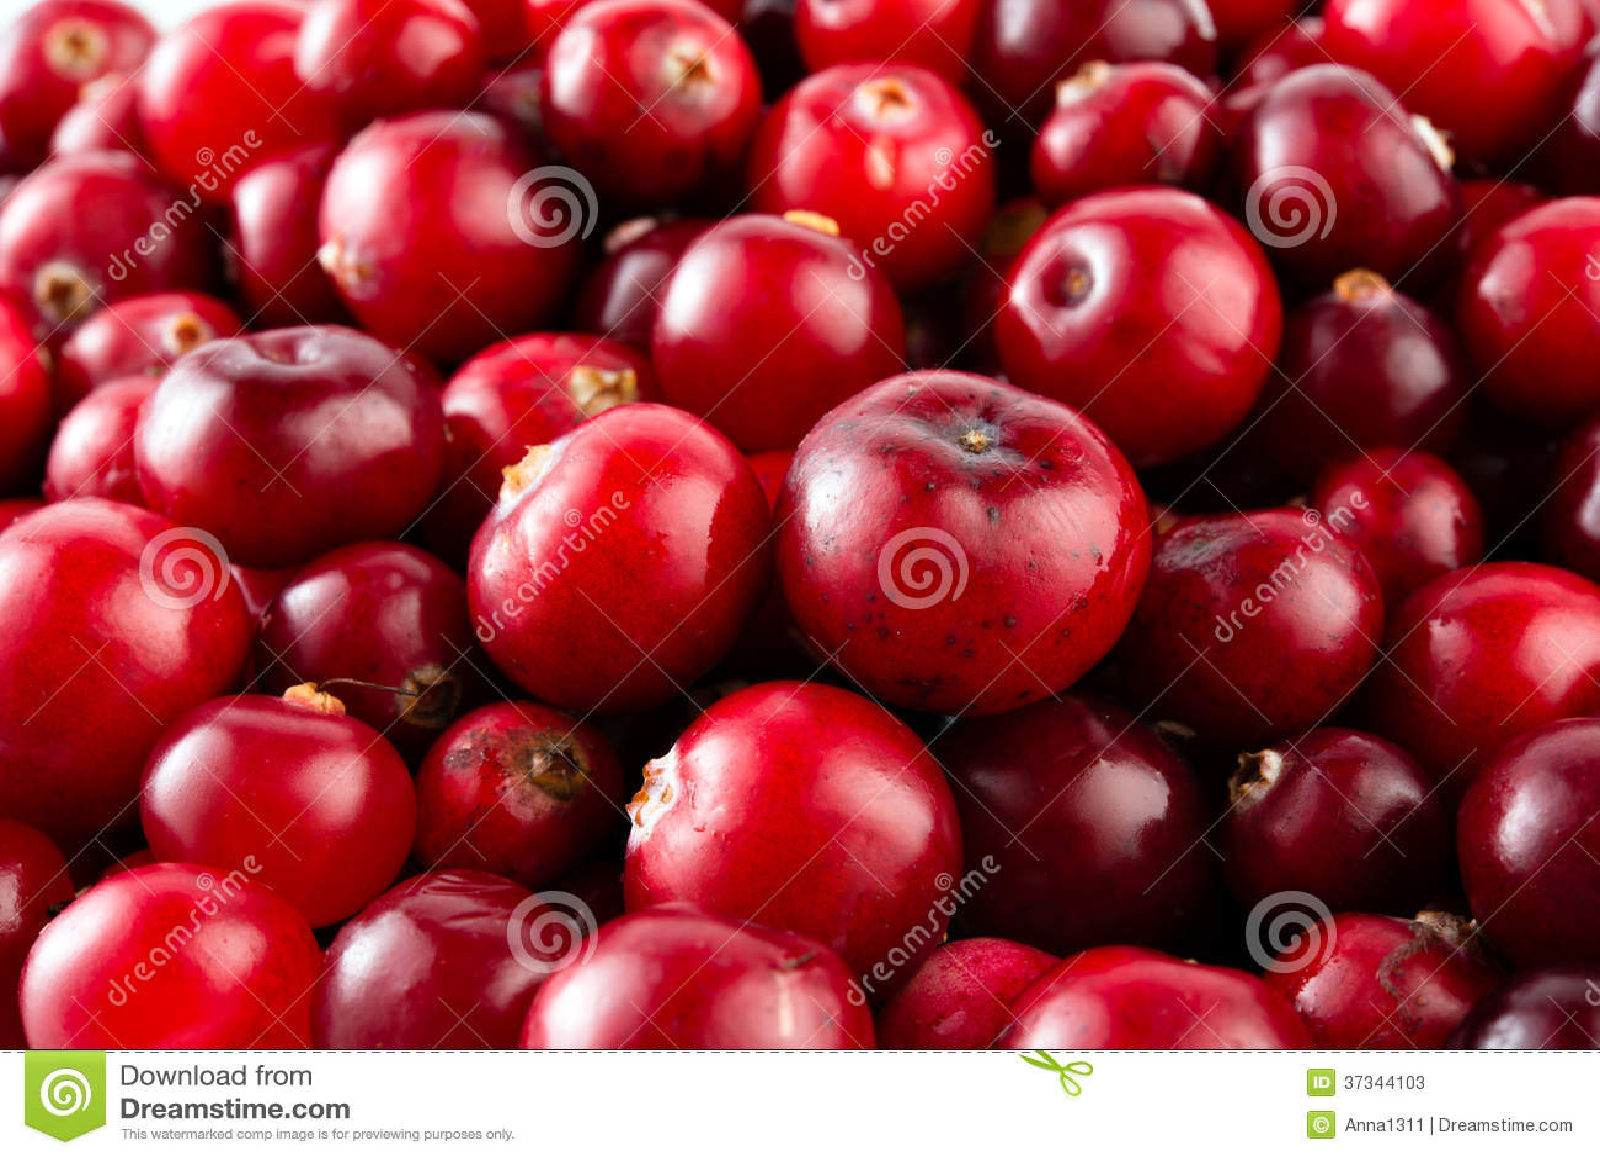 Rote reife Moosbeeren Makro.